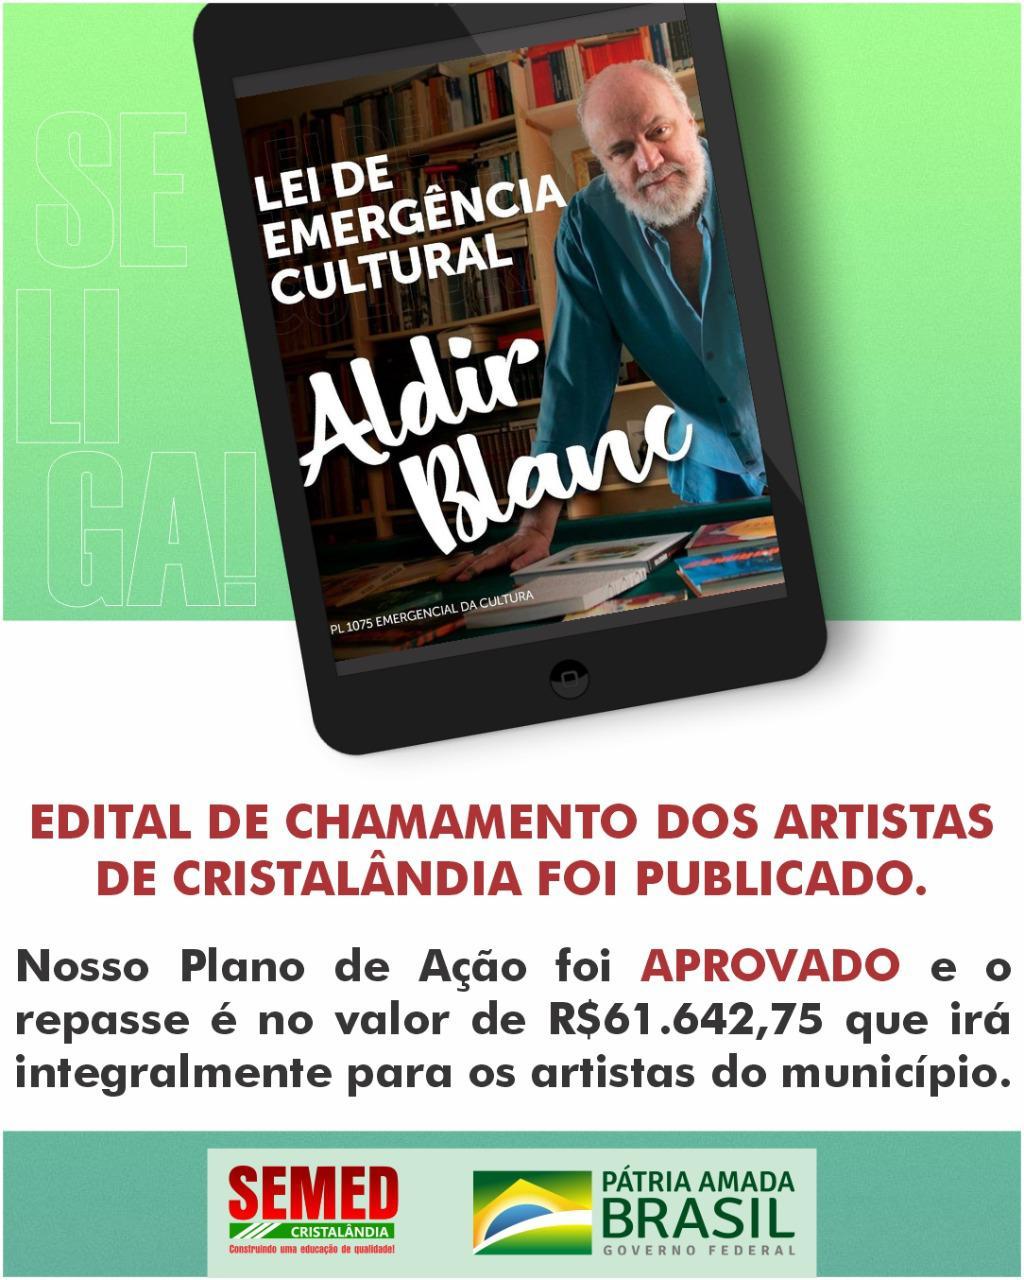 Prefeitura de Cristalândia lança edital do Prêmio Aldir Blanc de Apoio a Projetos Artísticos e Culturais